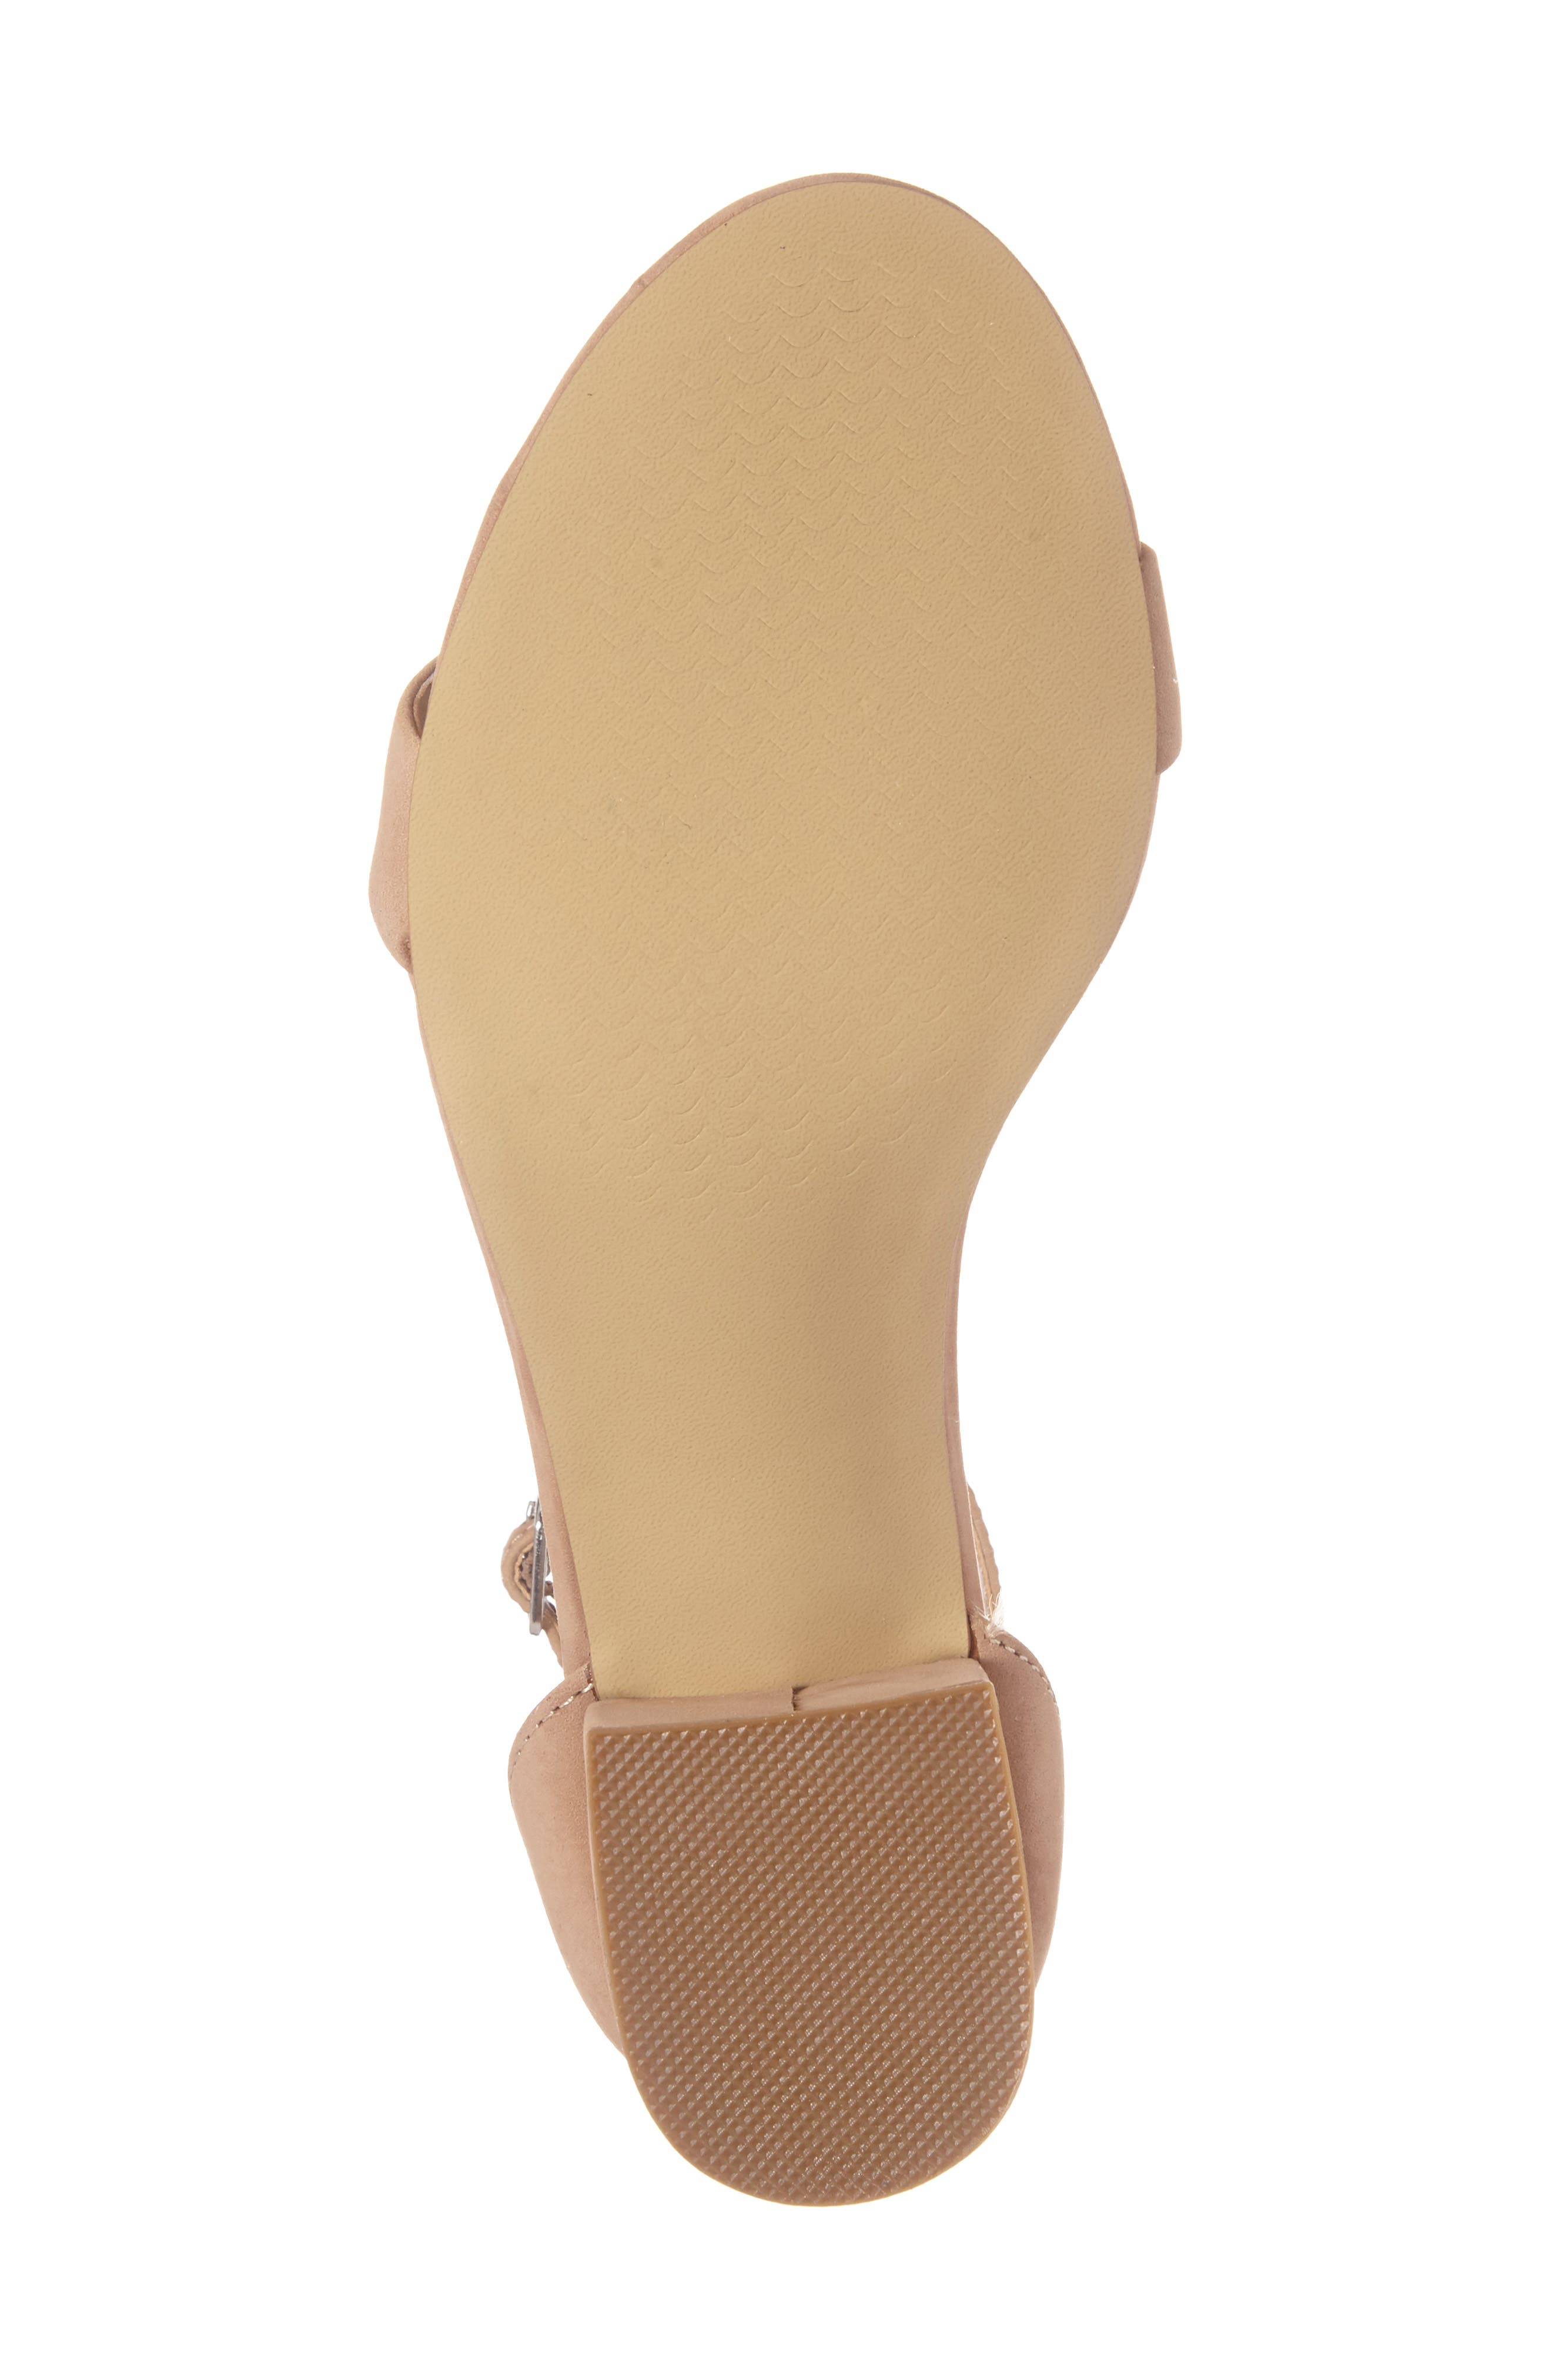 Irenee Ankle Strap Sandal,                             Alternate thumbnail 158, color,